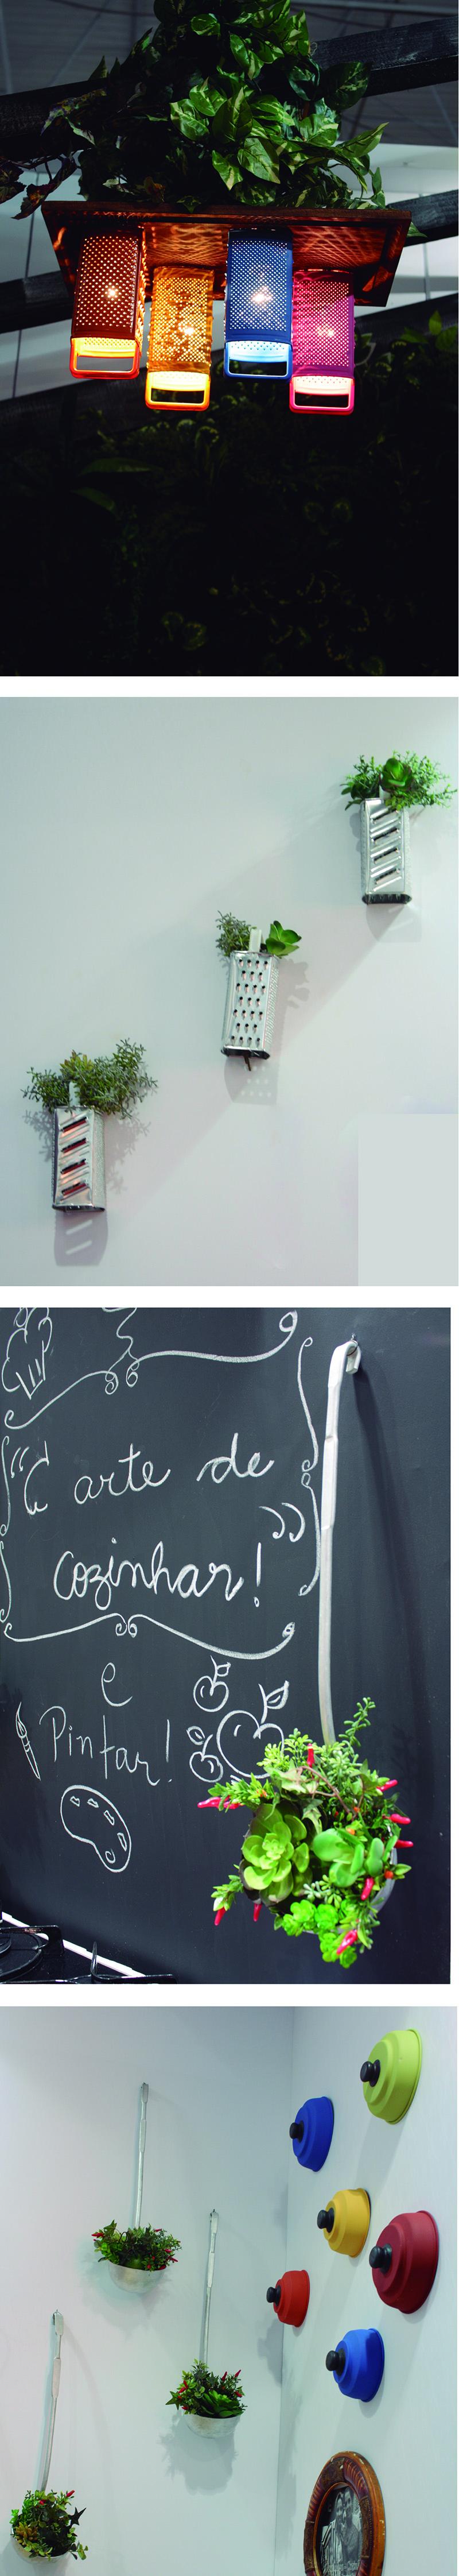 ideias diy para decorar